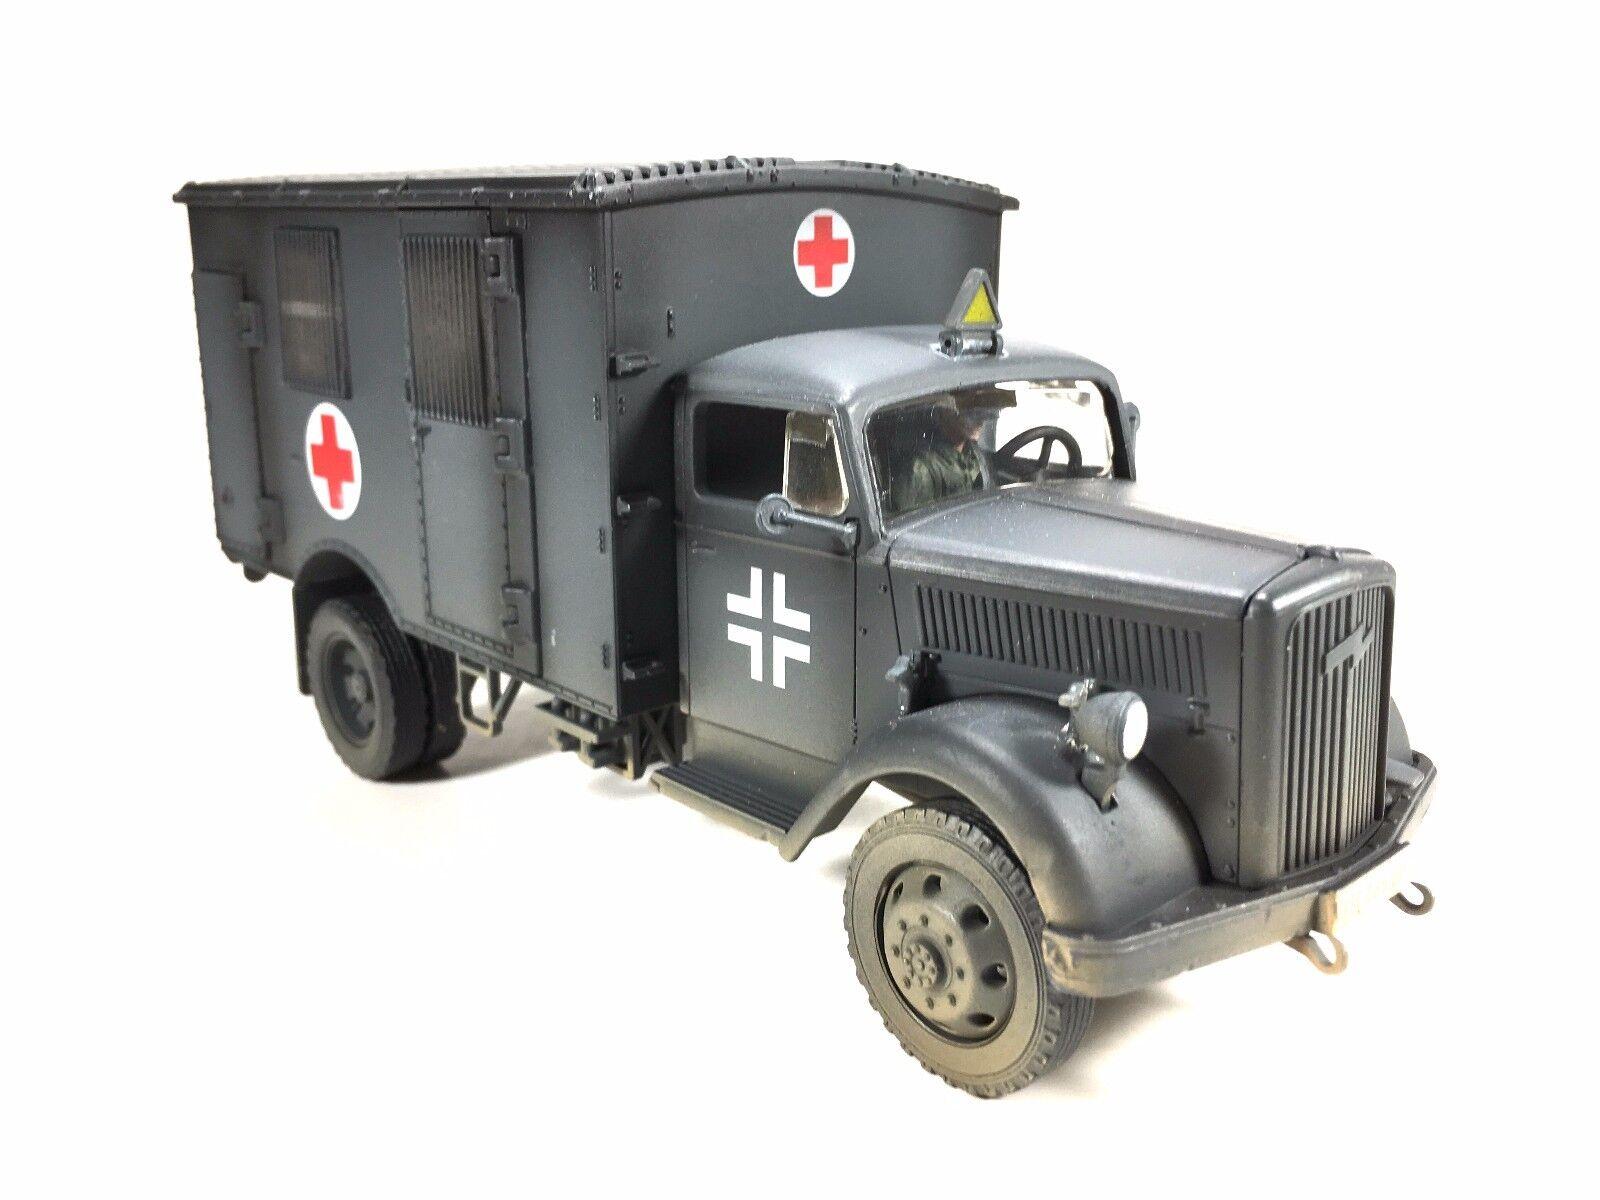 1 32 Unimax Forces of Valor Diecast  Deuxième Guerre Mondiale Allehommed OPEL BLITZ Medic Ambulance de campagne  centre commercial professionnel intégré en ligne